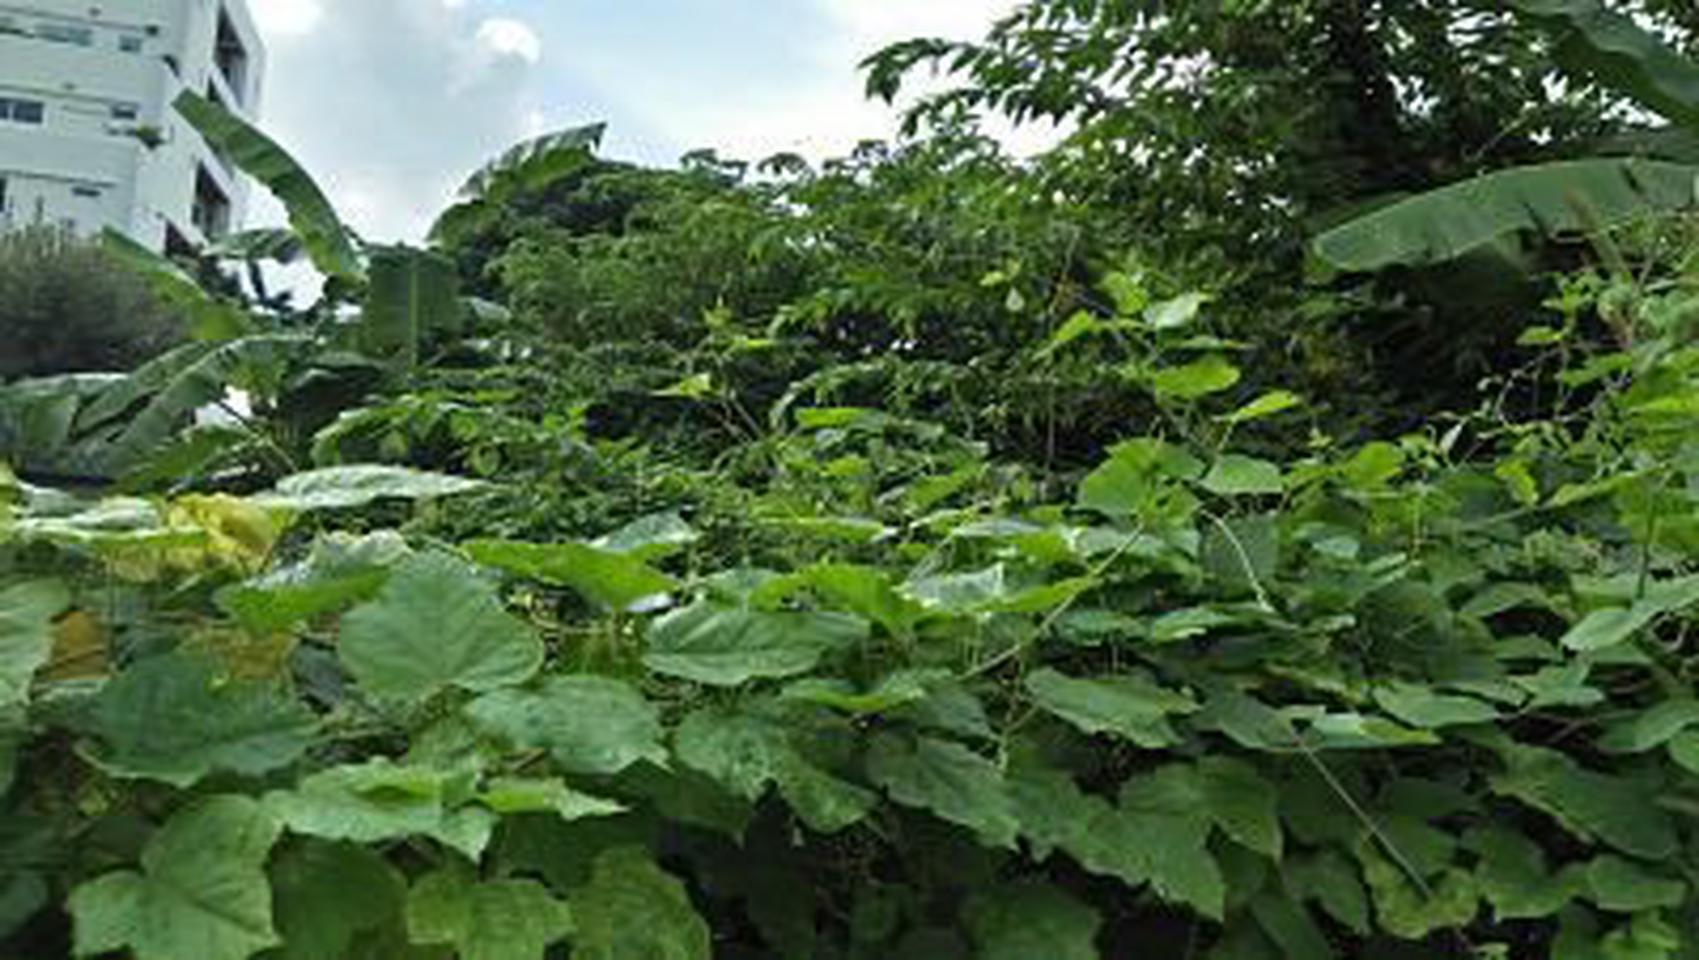 ให้เช่าที่ดินสภาพมีต้นไม้ปกคลุมเต็มติดถนนในซอย ร้อยวา เหมาะท รูปที่ 1